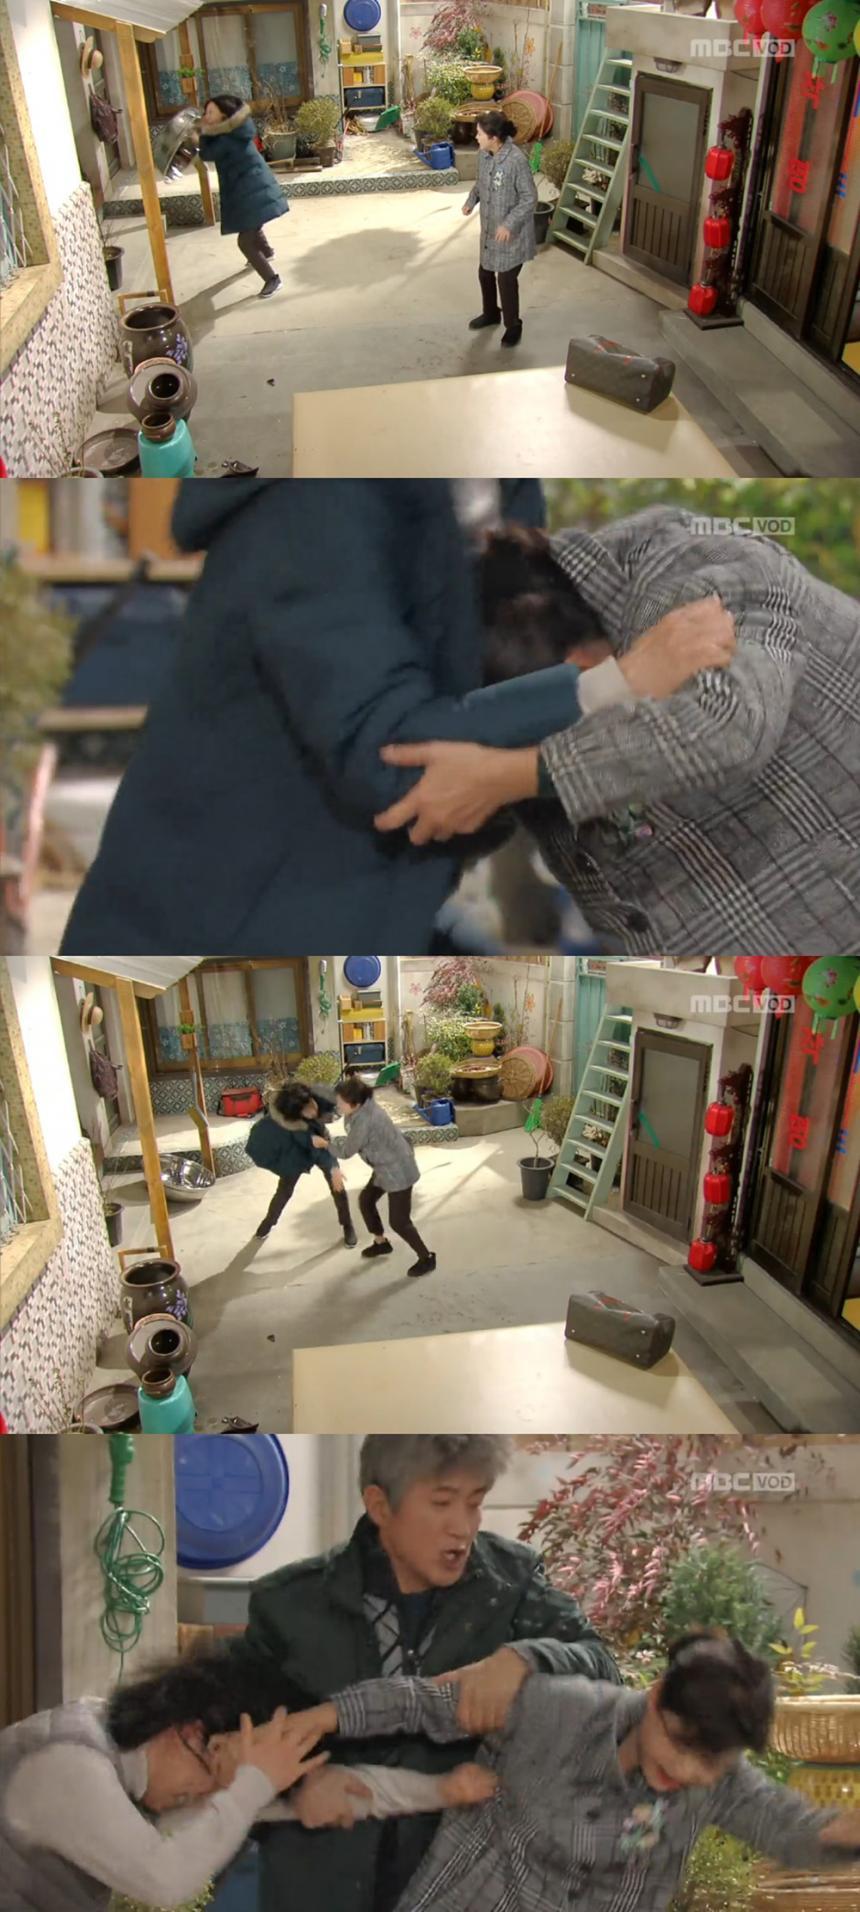 MBC 일일드라마 '용왕님 보우하사' 방송 캡처